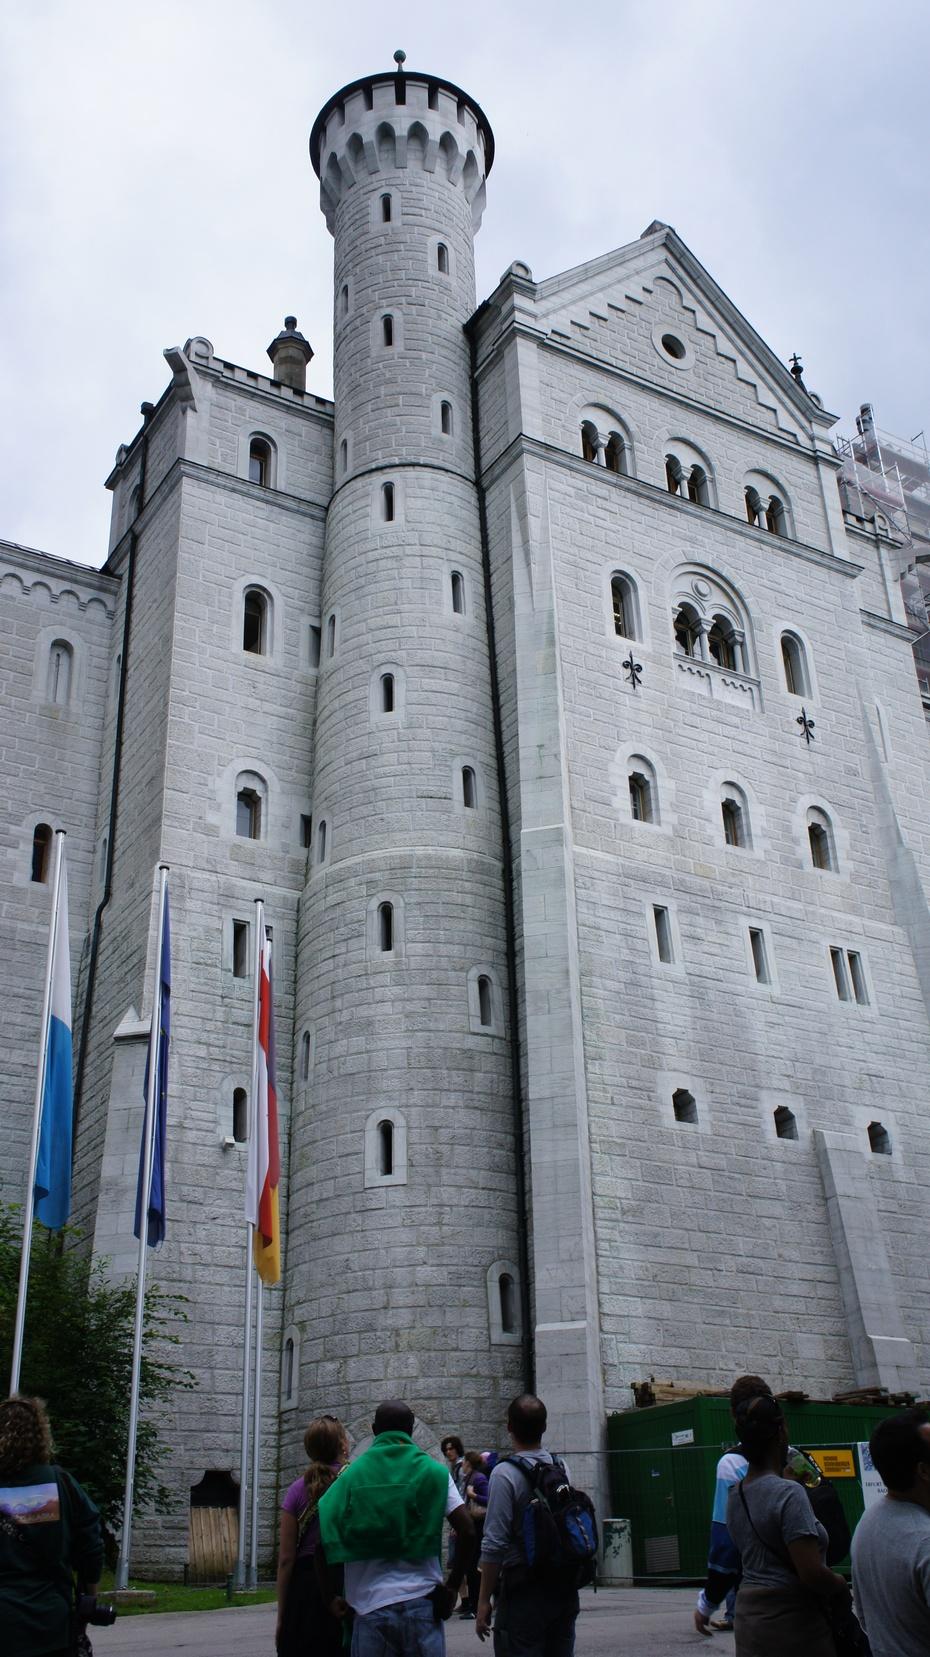 欧洲行14:德国新天鹅城堡 - 余昌国 - 我的博客